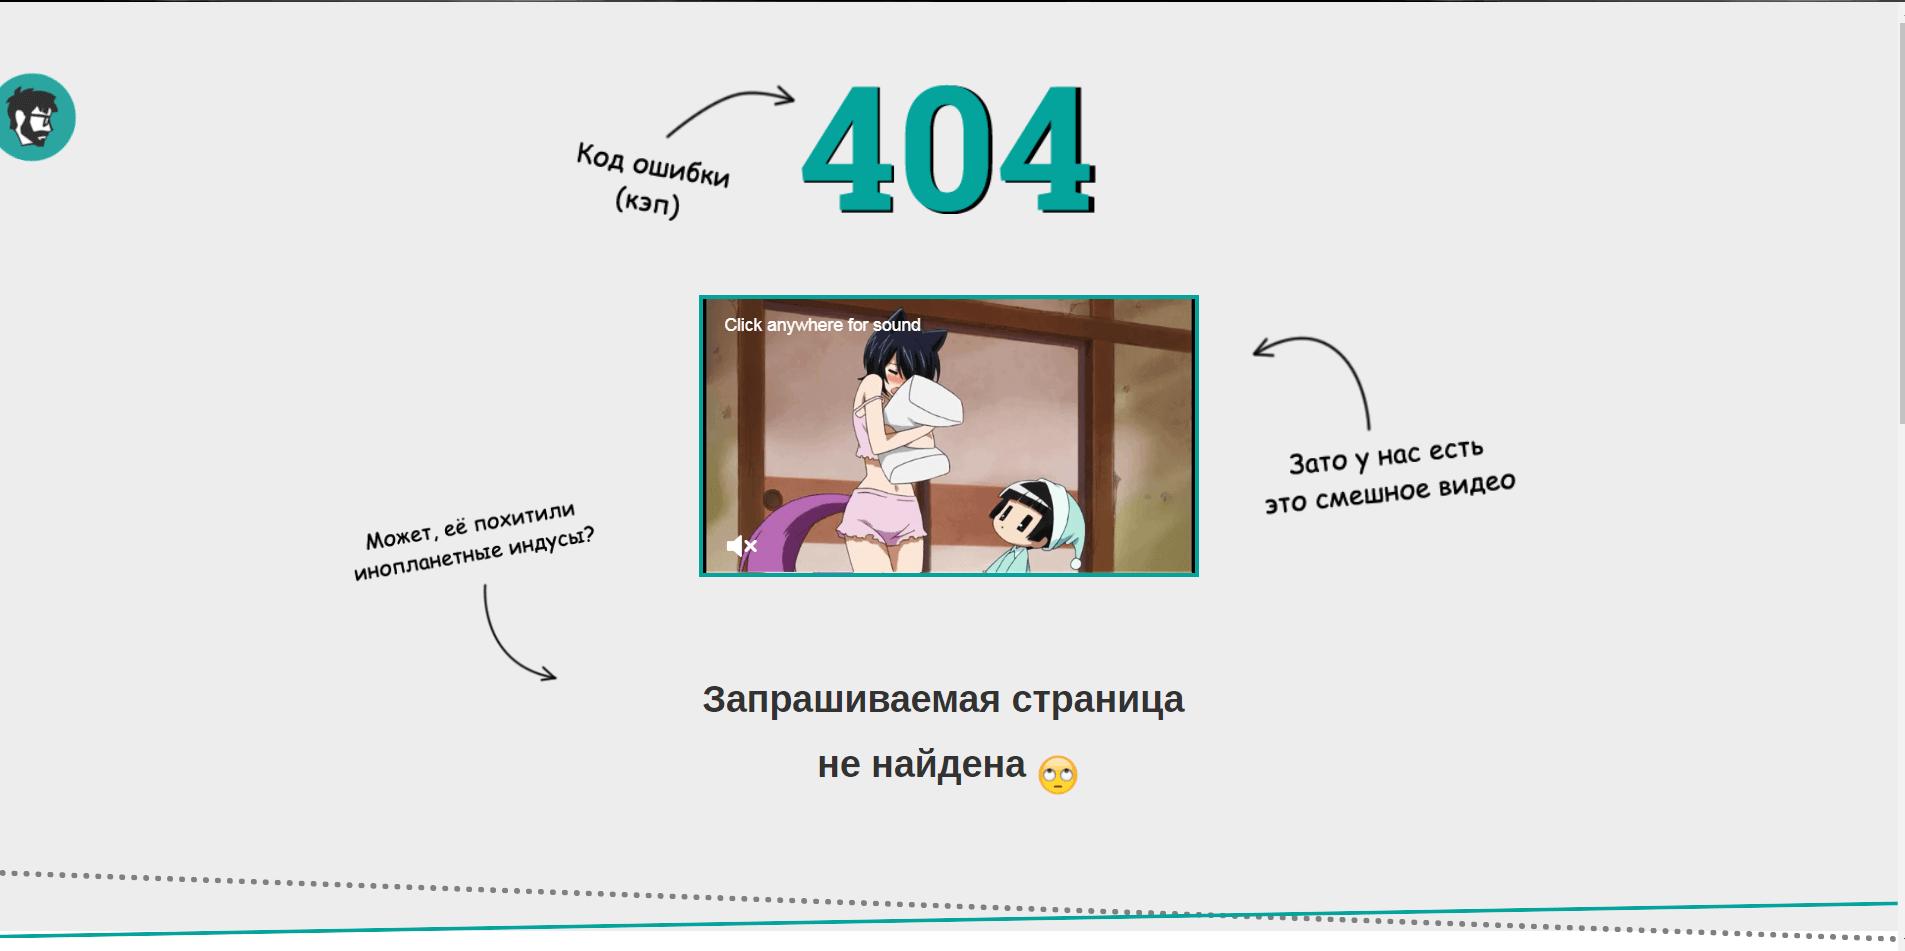 Пример оригинального оформления страницы 404